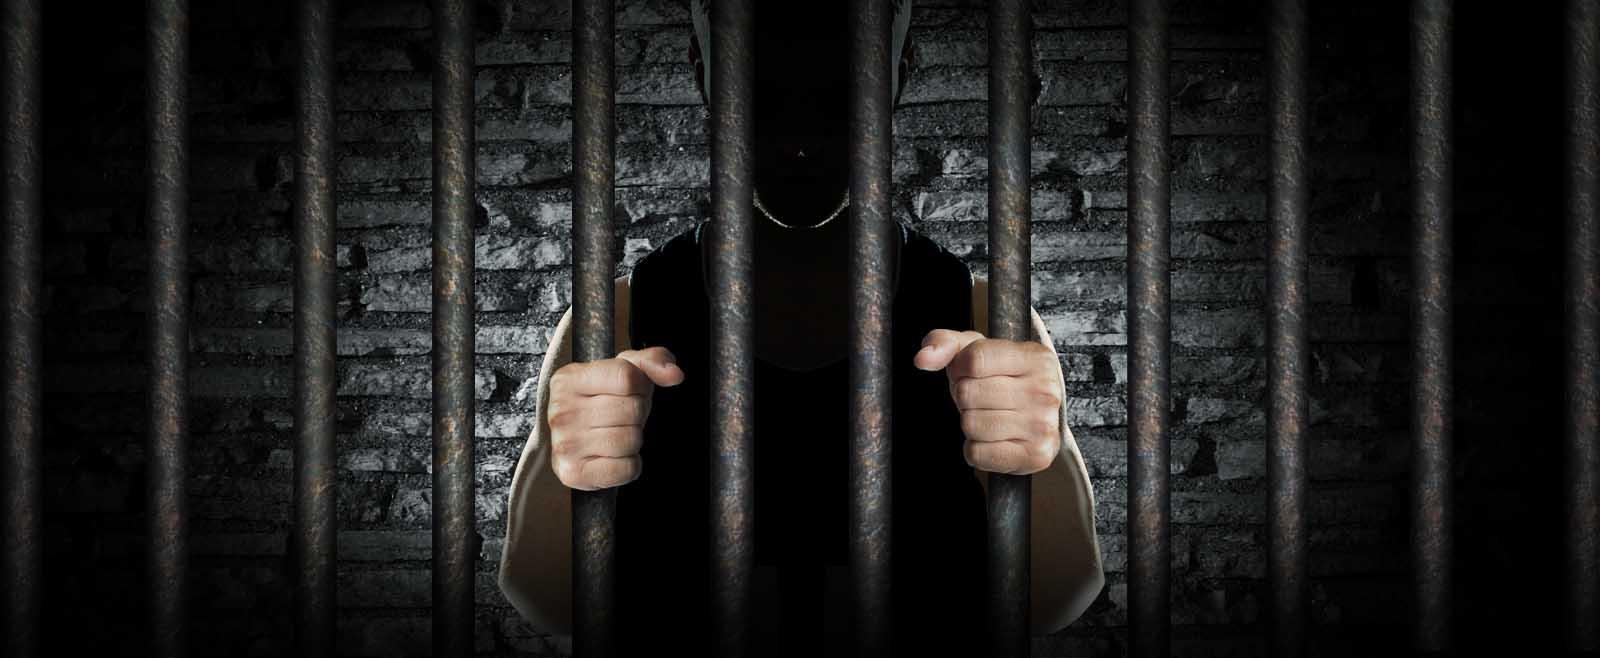 Problem Solving Escape Prison Room